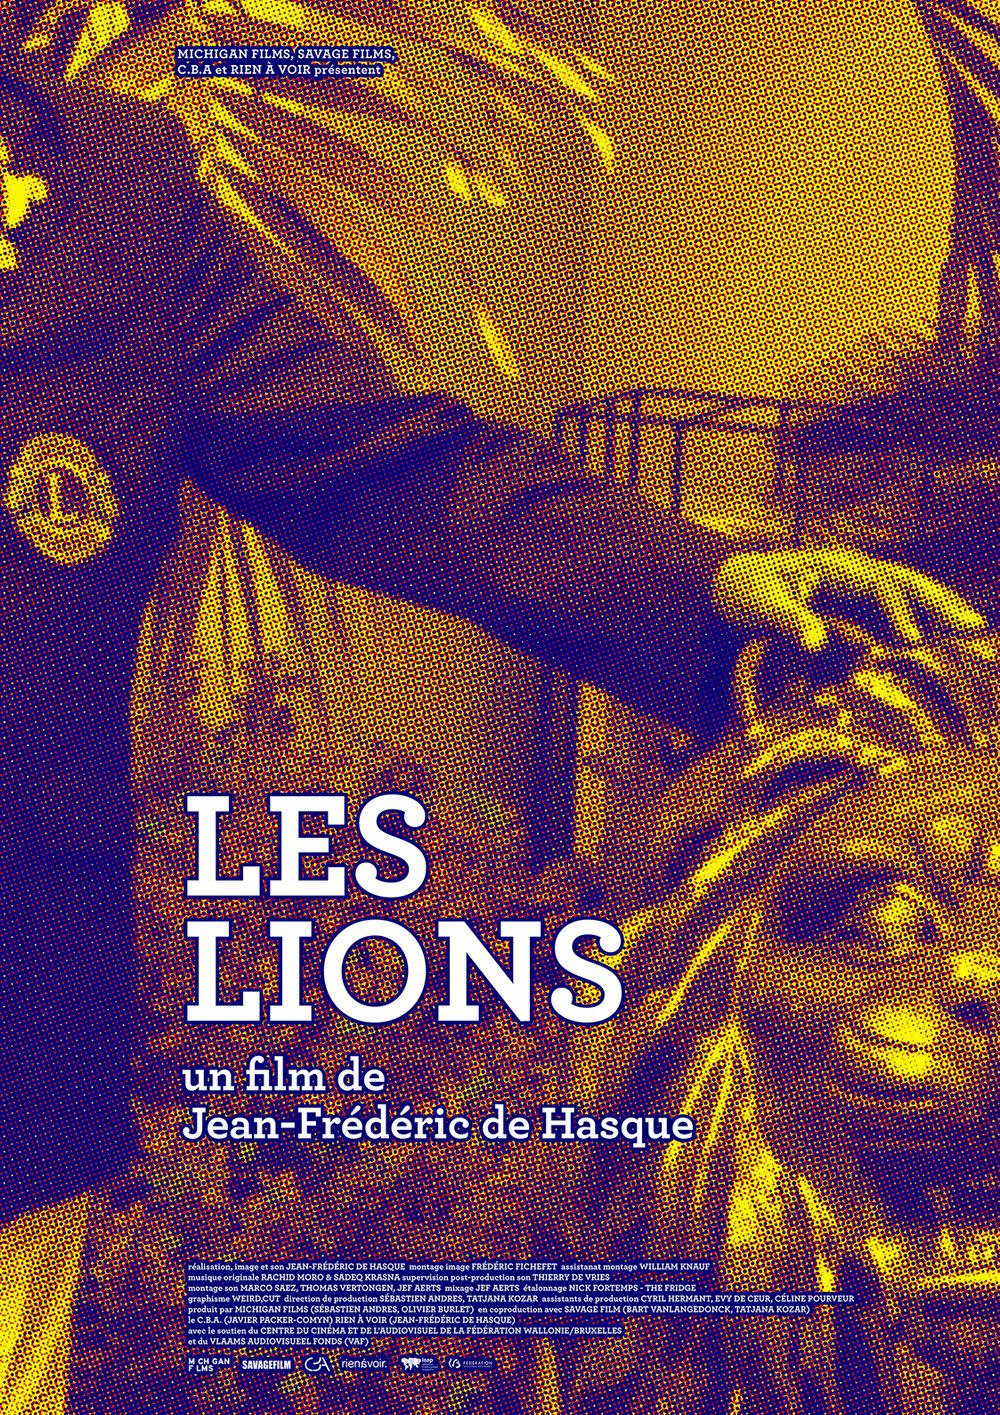 de Hasque Lions Poster A1 light 12 - copie-1.jpg